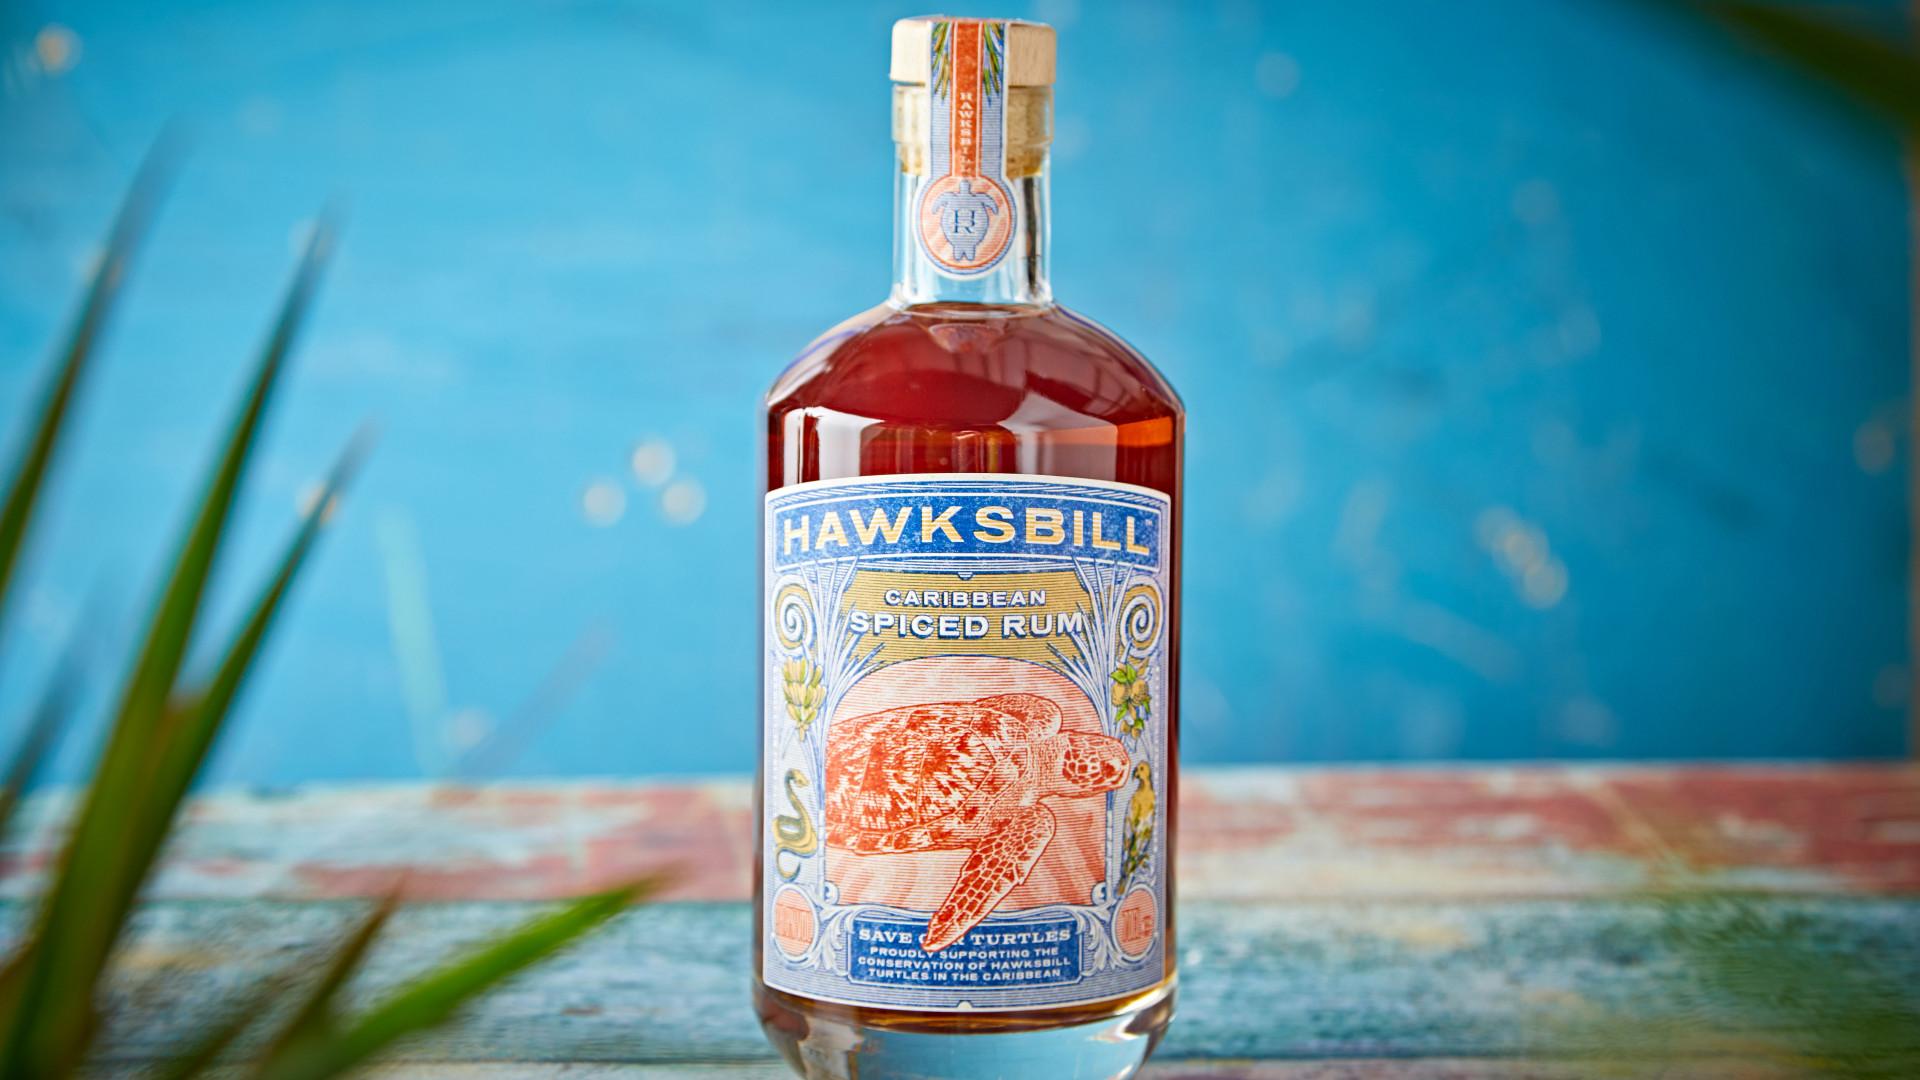 Hawksbill rum bottle